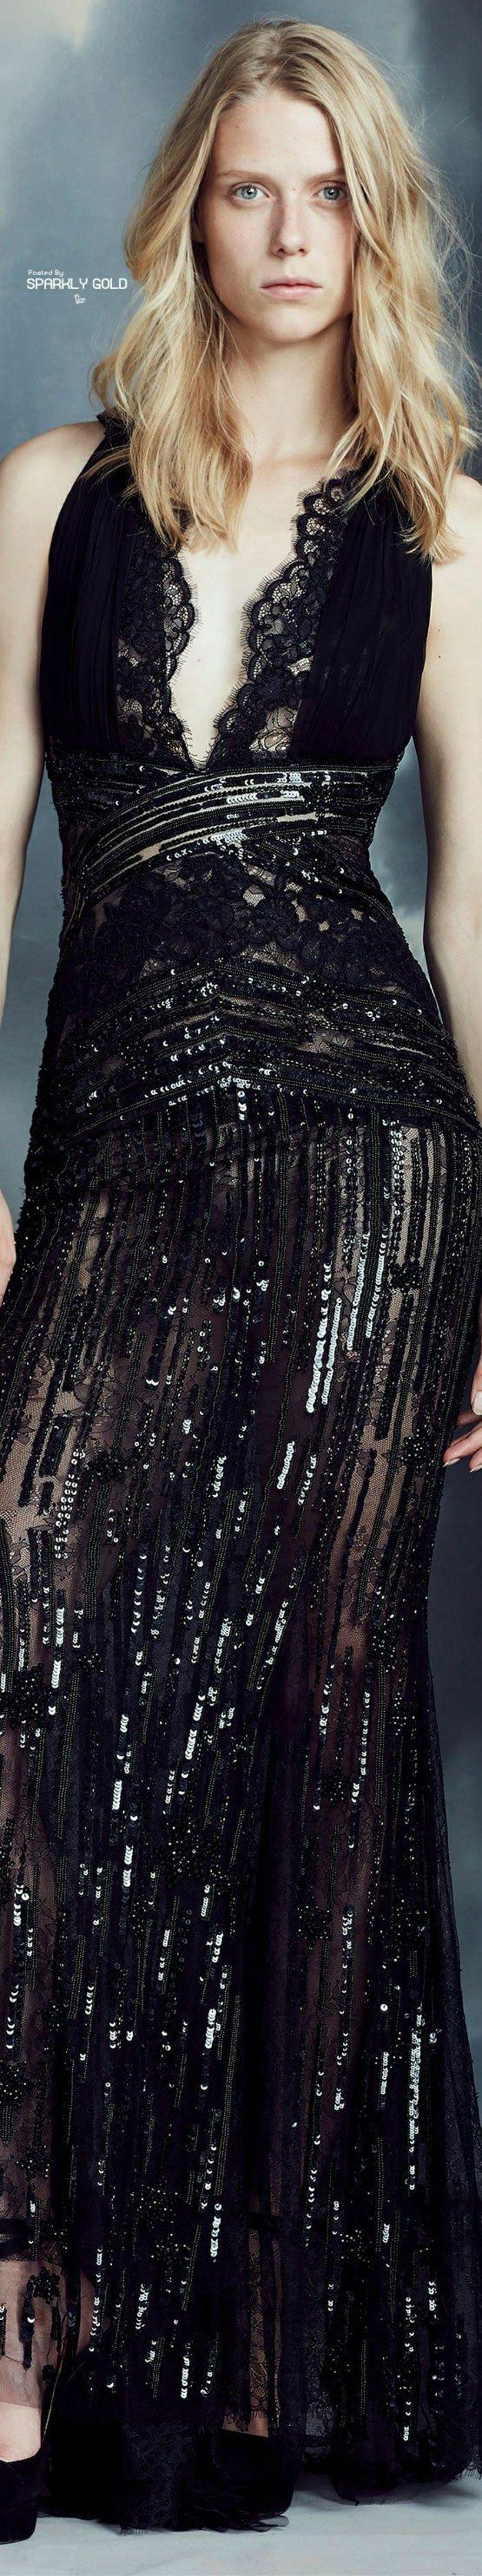 sehr langes schwarzes halbdurchsichtiges Kleid mit Spitze und Pailletten und mit einem sehr tiefen Ausschnitt, getragen von einer Blondine mit leicht gewellten Haaren und hellblauen Augen